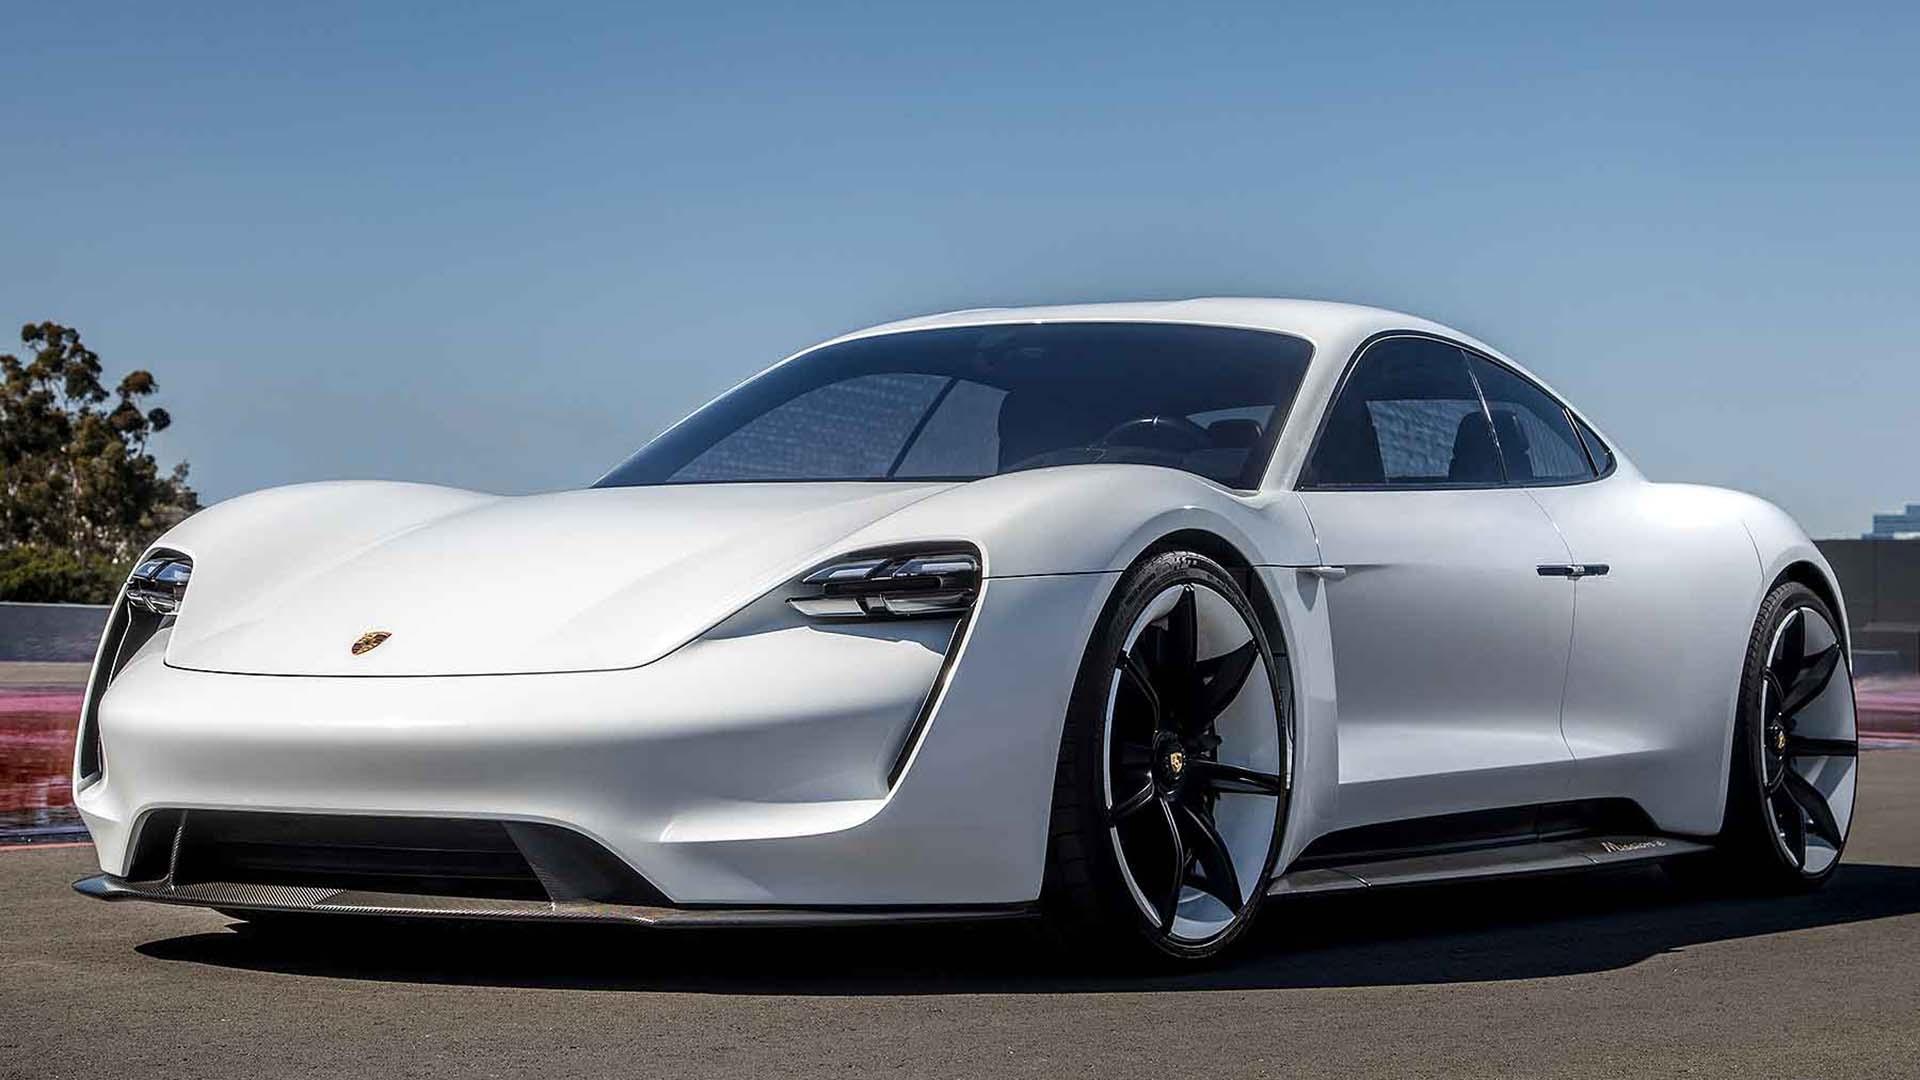 Porsche Taycan – 241 to 256 miles